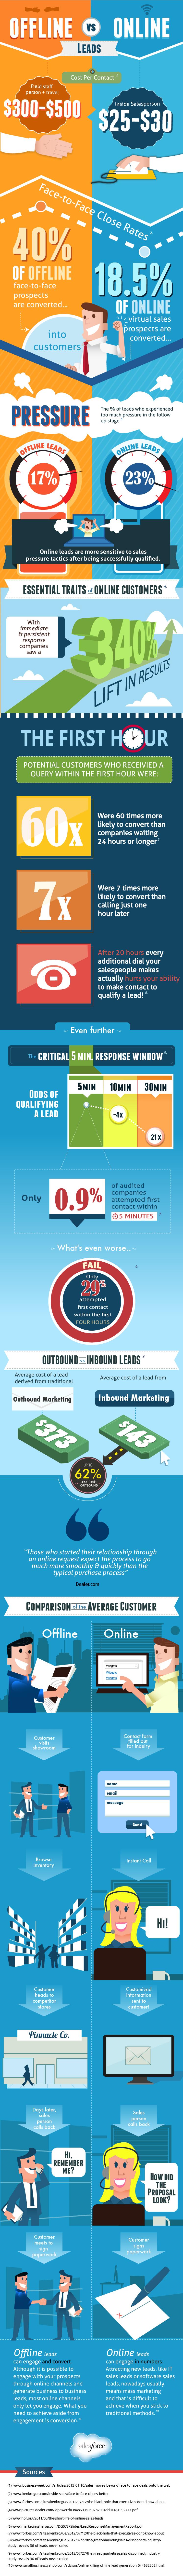 Online Lead Conversion vs. Offline Lead Conversion